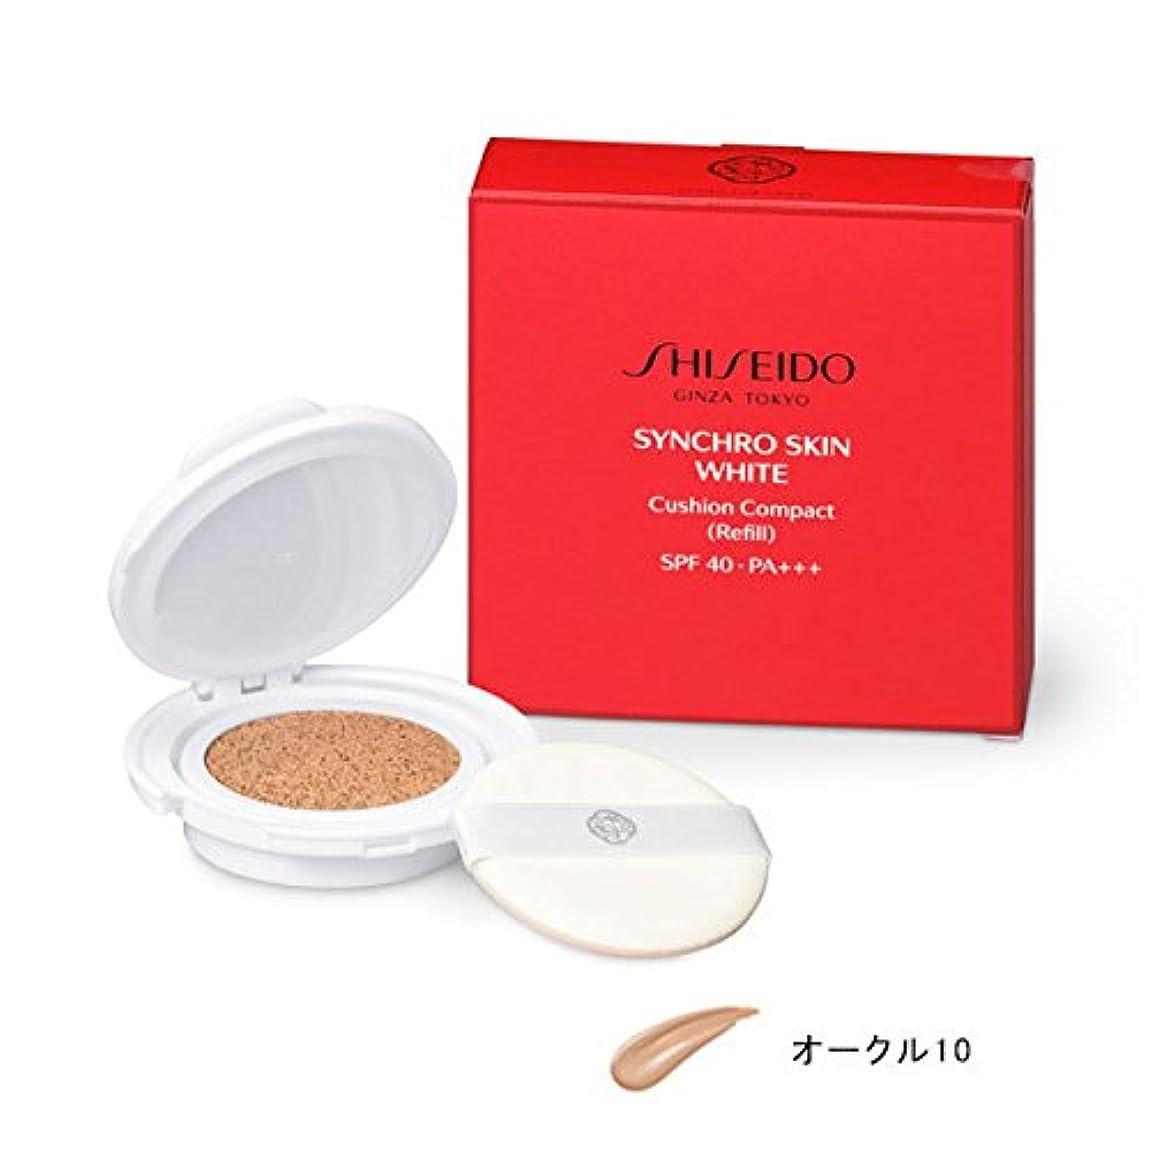 クスクスポップパラシュートSHISEIDO Makeup(資生堂 メーキャップ) SHISEIDO(資生堂) シンクロスキン ホワイト クッションコンパクト WT レフィル(医薬部外品) (オークル10)